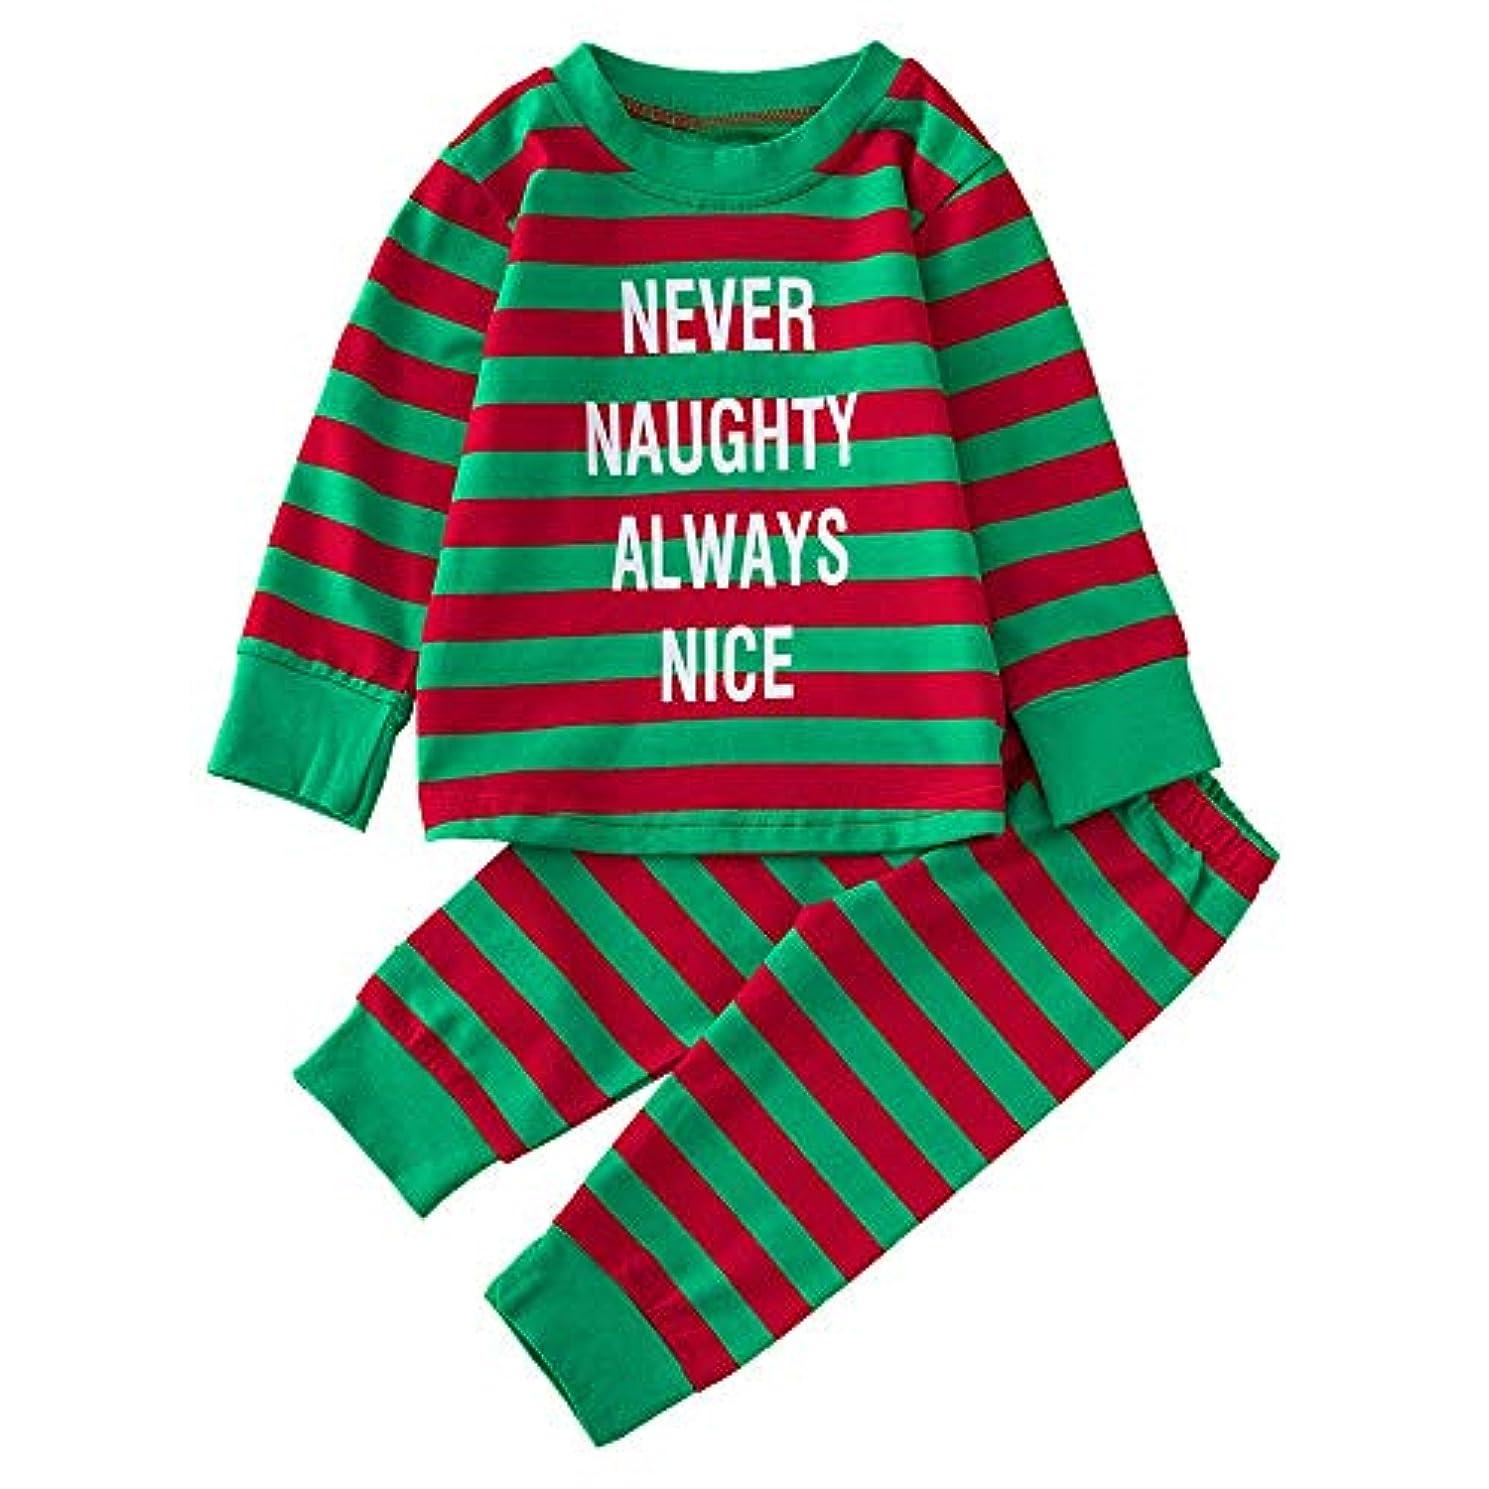 死傷者所有者怠惰BHKK 赤ちゃん幼児少年少女レタープリントトップスTシャツ+パンツクリスマスコスチューム 6 ヶ月-24 ヶ月 18ヶ月